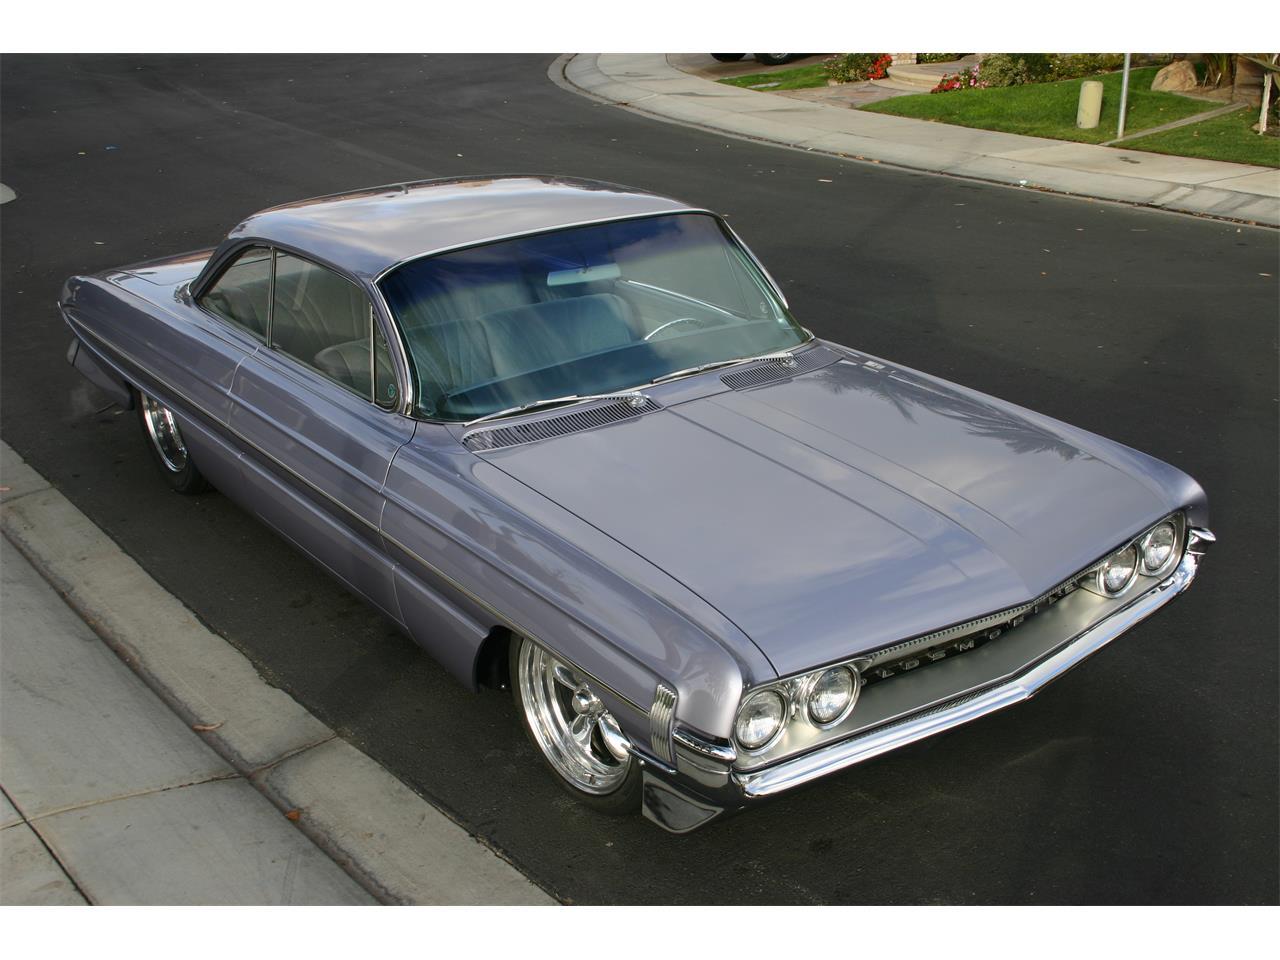 For Sale: 1961 Oldsmobile Dynamic 88 in Dana point, California